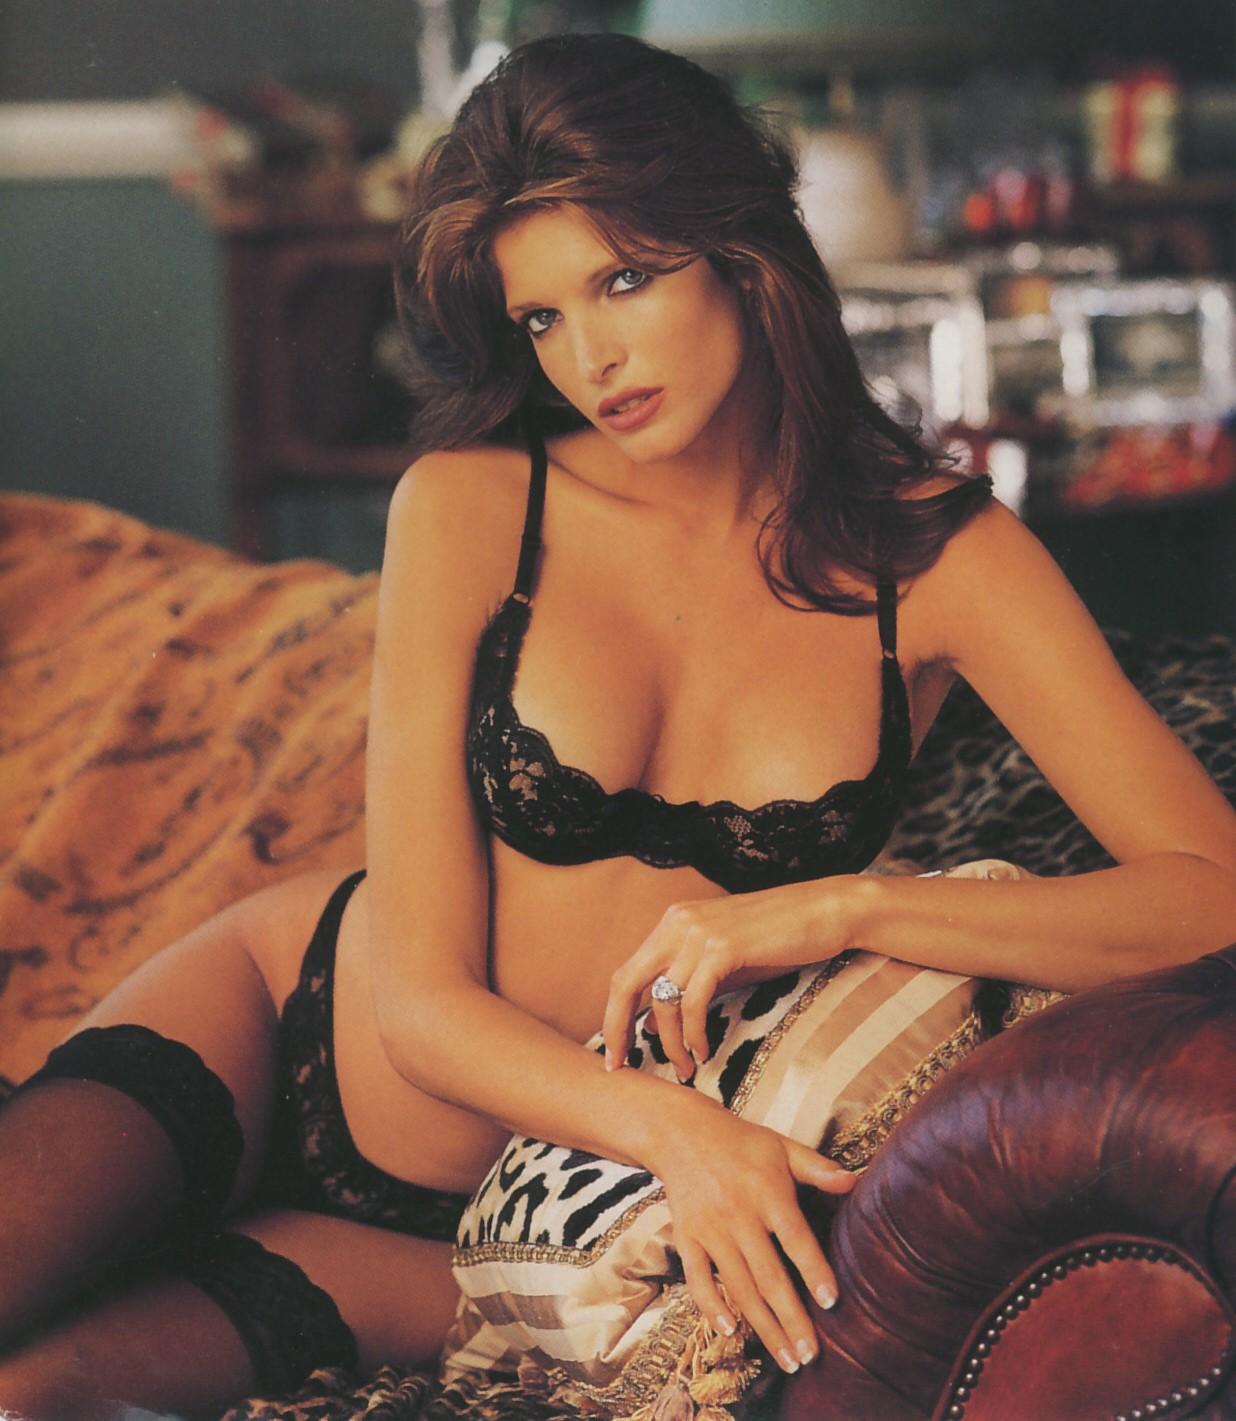 3. Стефани Сеймур, 1968 г.р., Калифорния, США. В 1991 и 1994 году Стефани Сеймур стала моделью журна